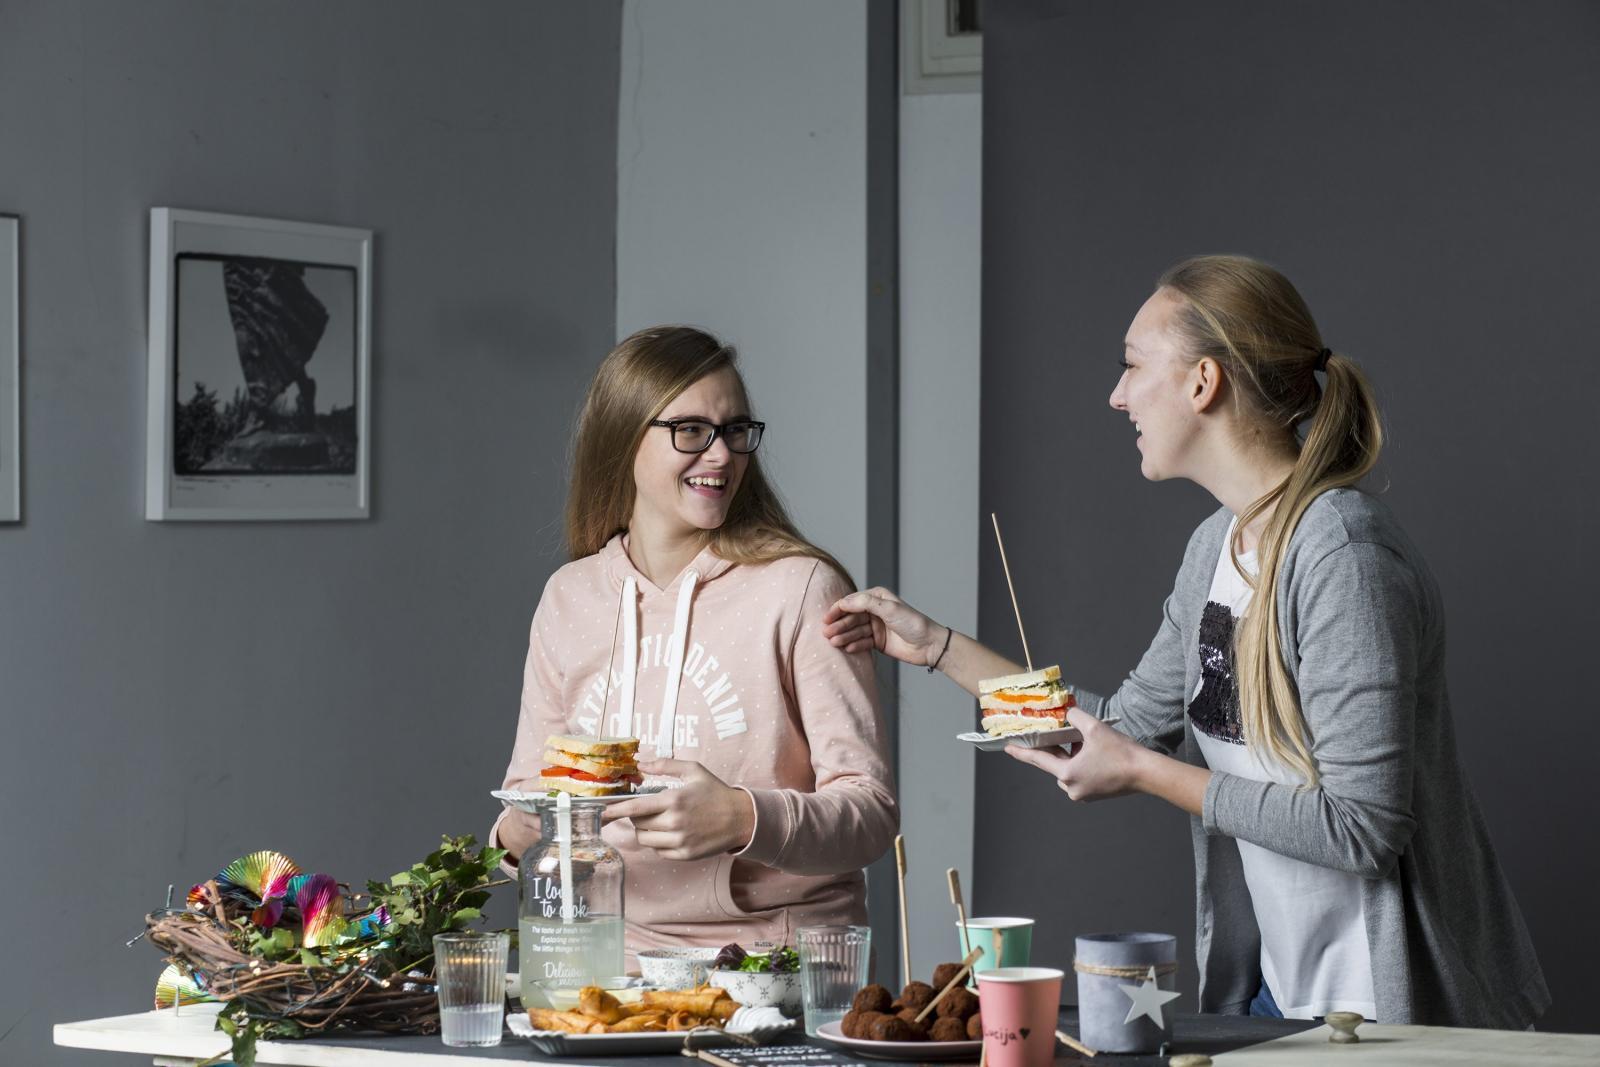 Lucija (desno na slici) osim jaja ne smije jesti ni orašaste plodove, što joj teško pada jer voli kolače, osobito orehnjaču i slične, a Lucija (lijevo) rado bi alergiju na jaja zamijenila alergijom na kivi.